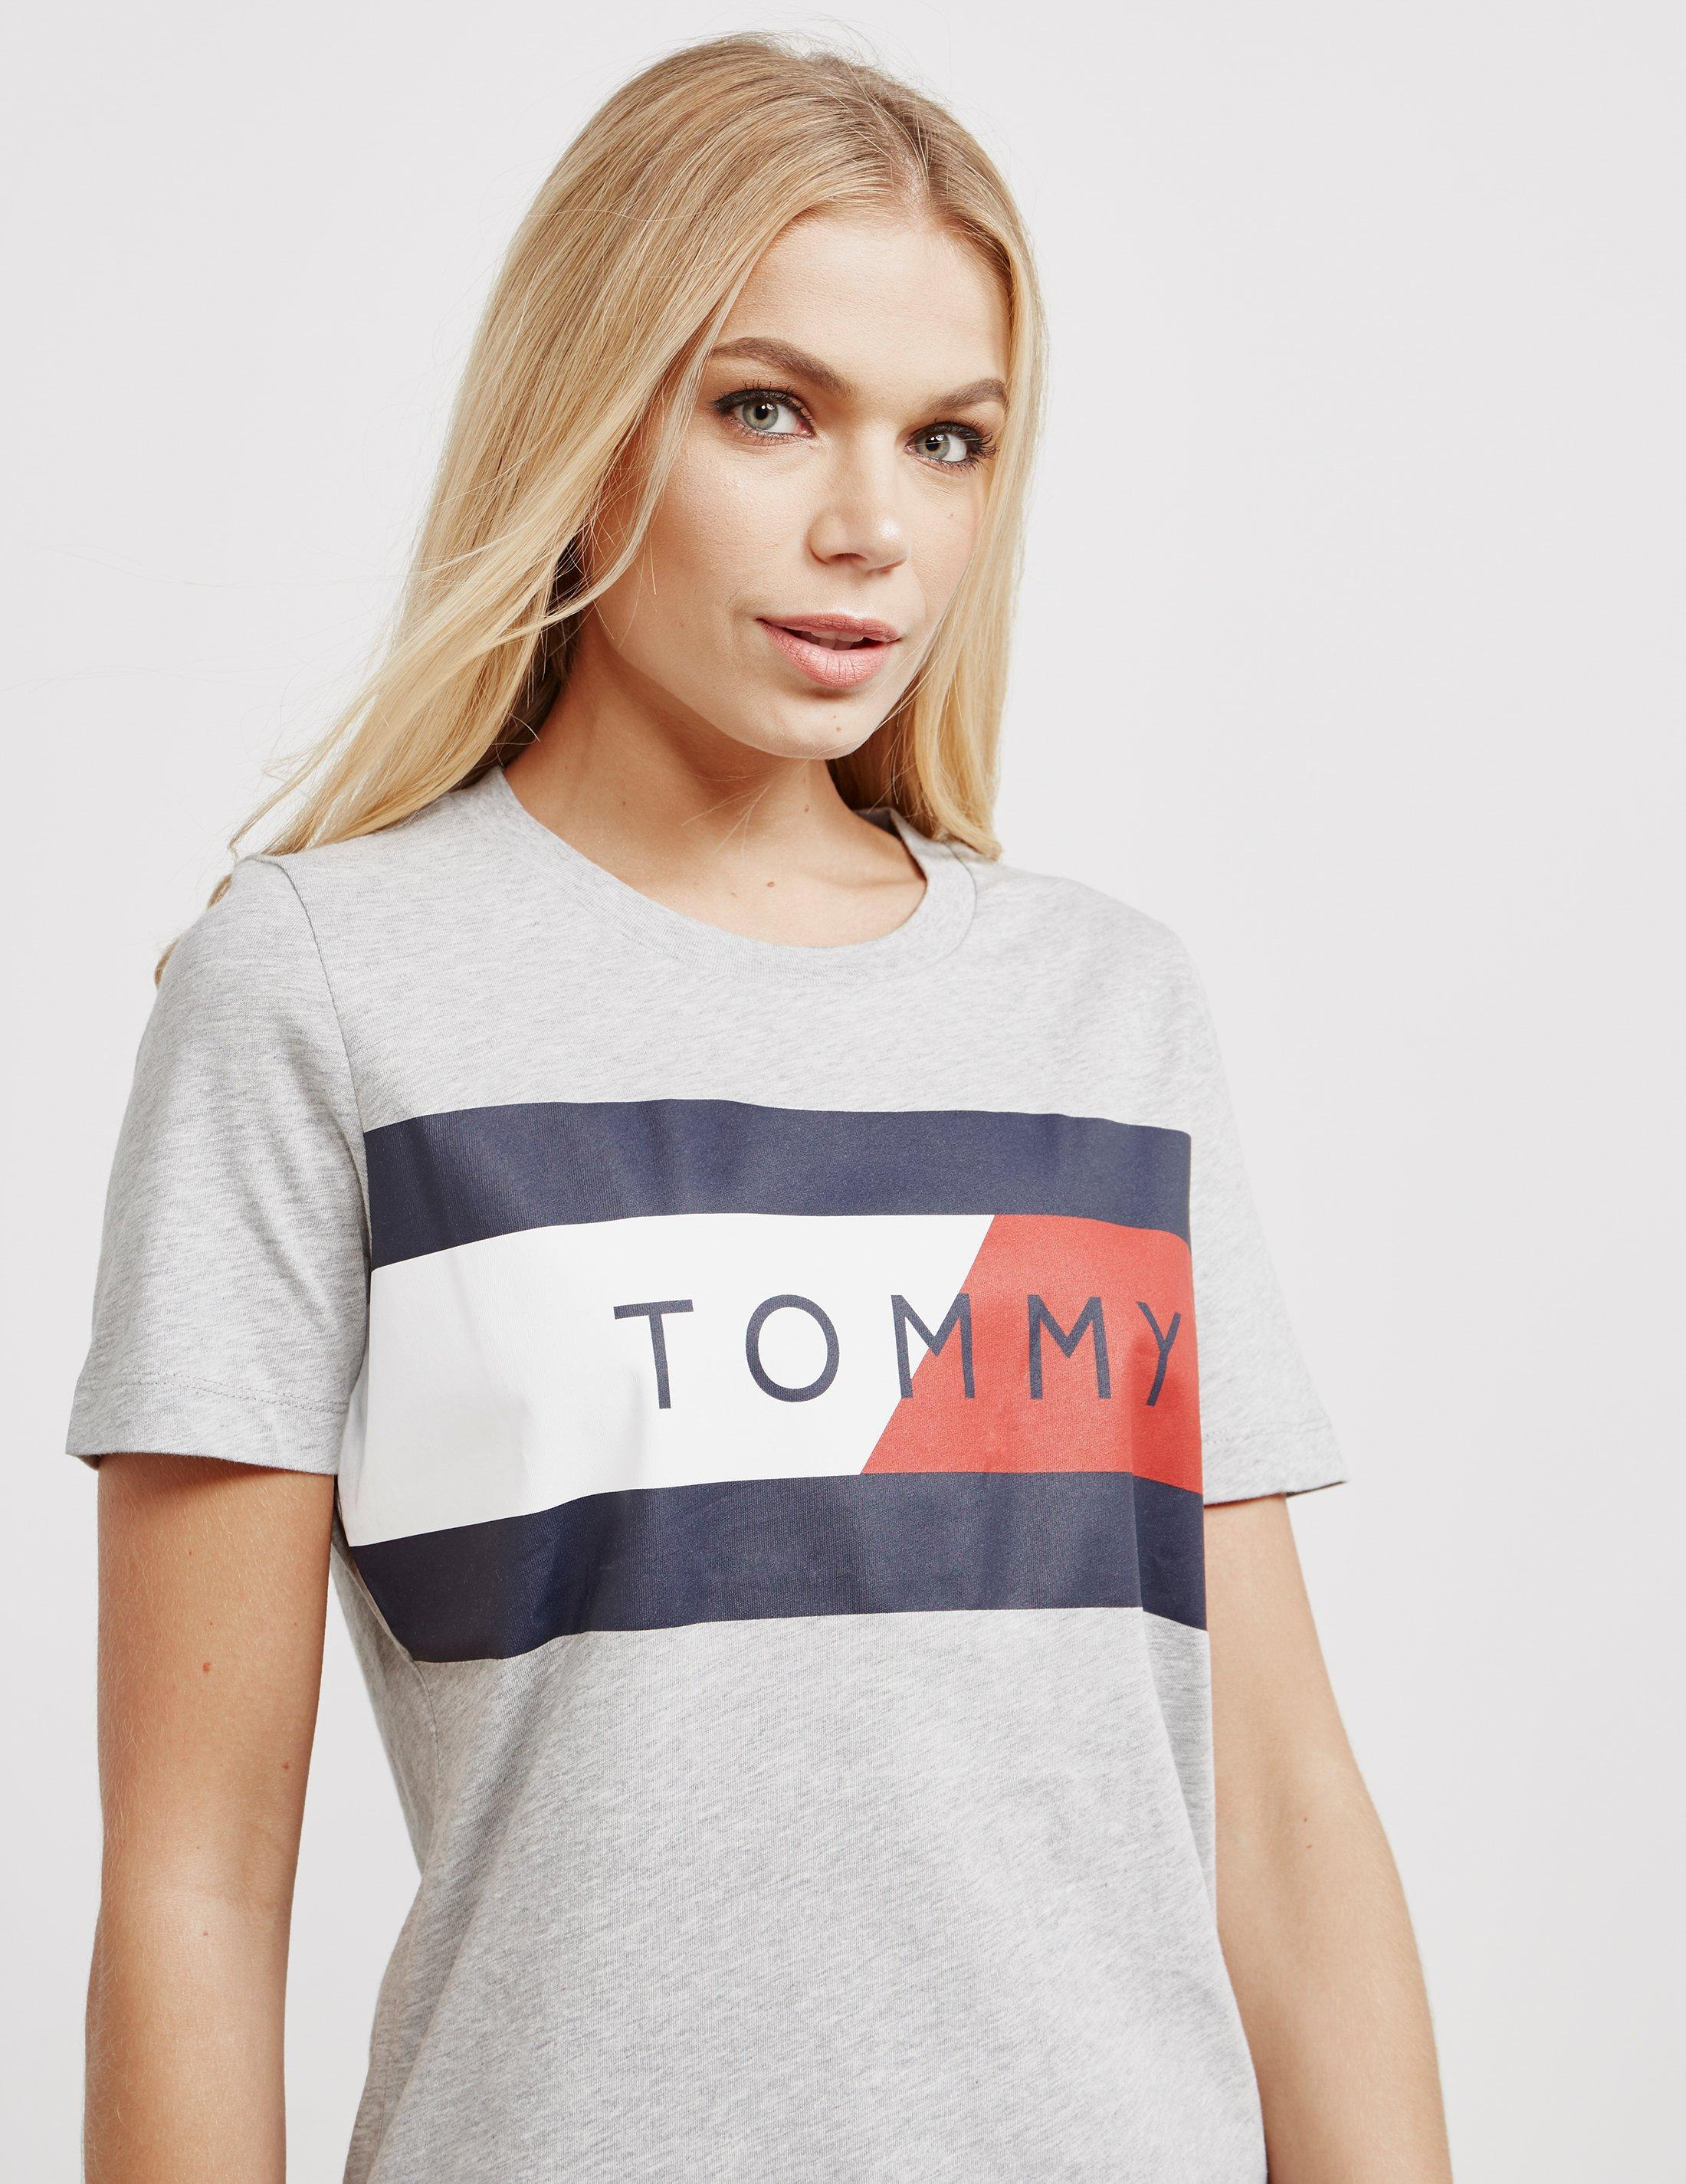 a58e6b8f Tommy Hilfiger Womens Athletic Logo Flag Short Sleeve T-shirt Grey ...